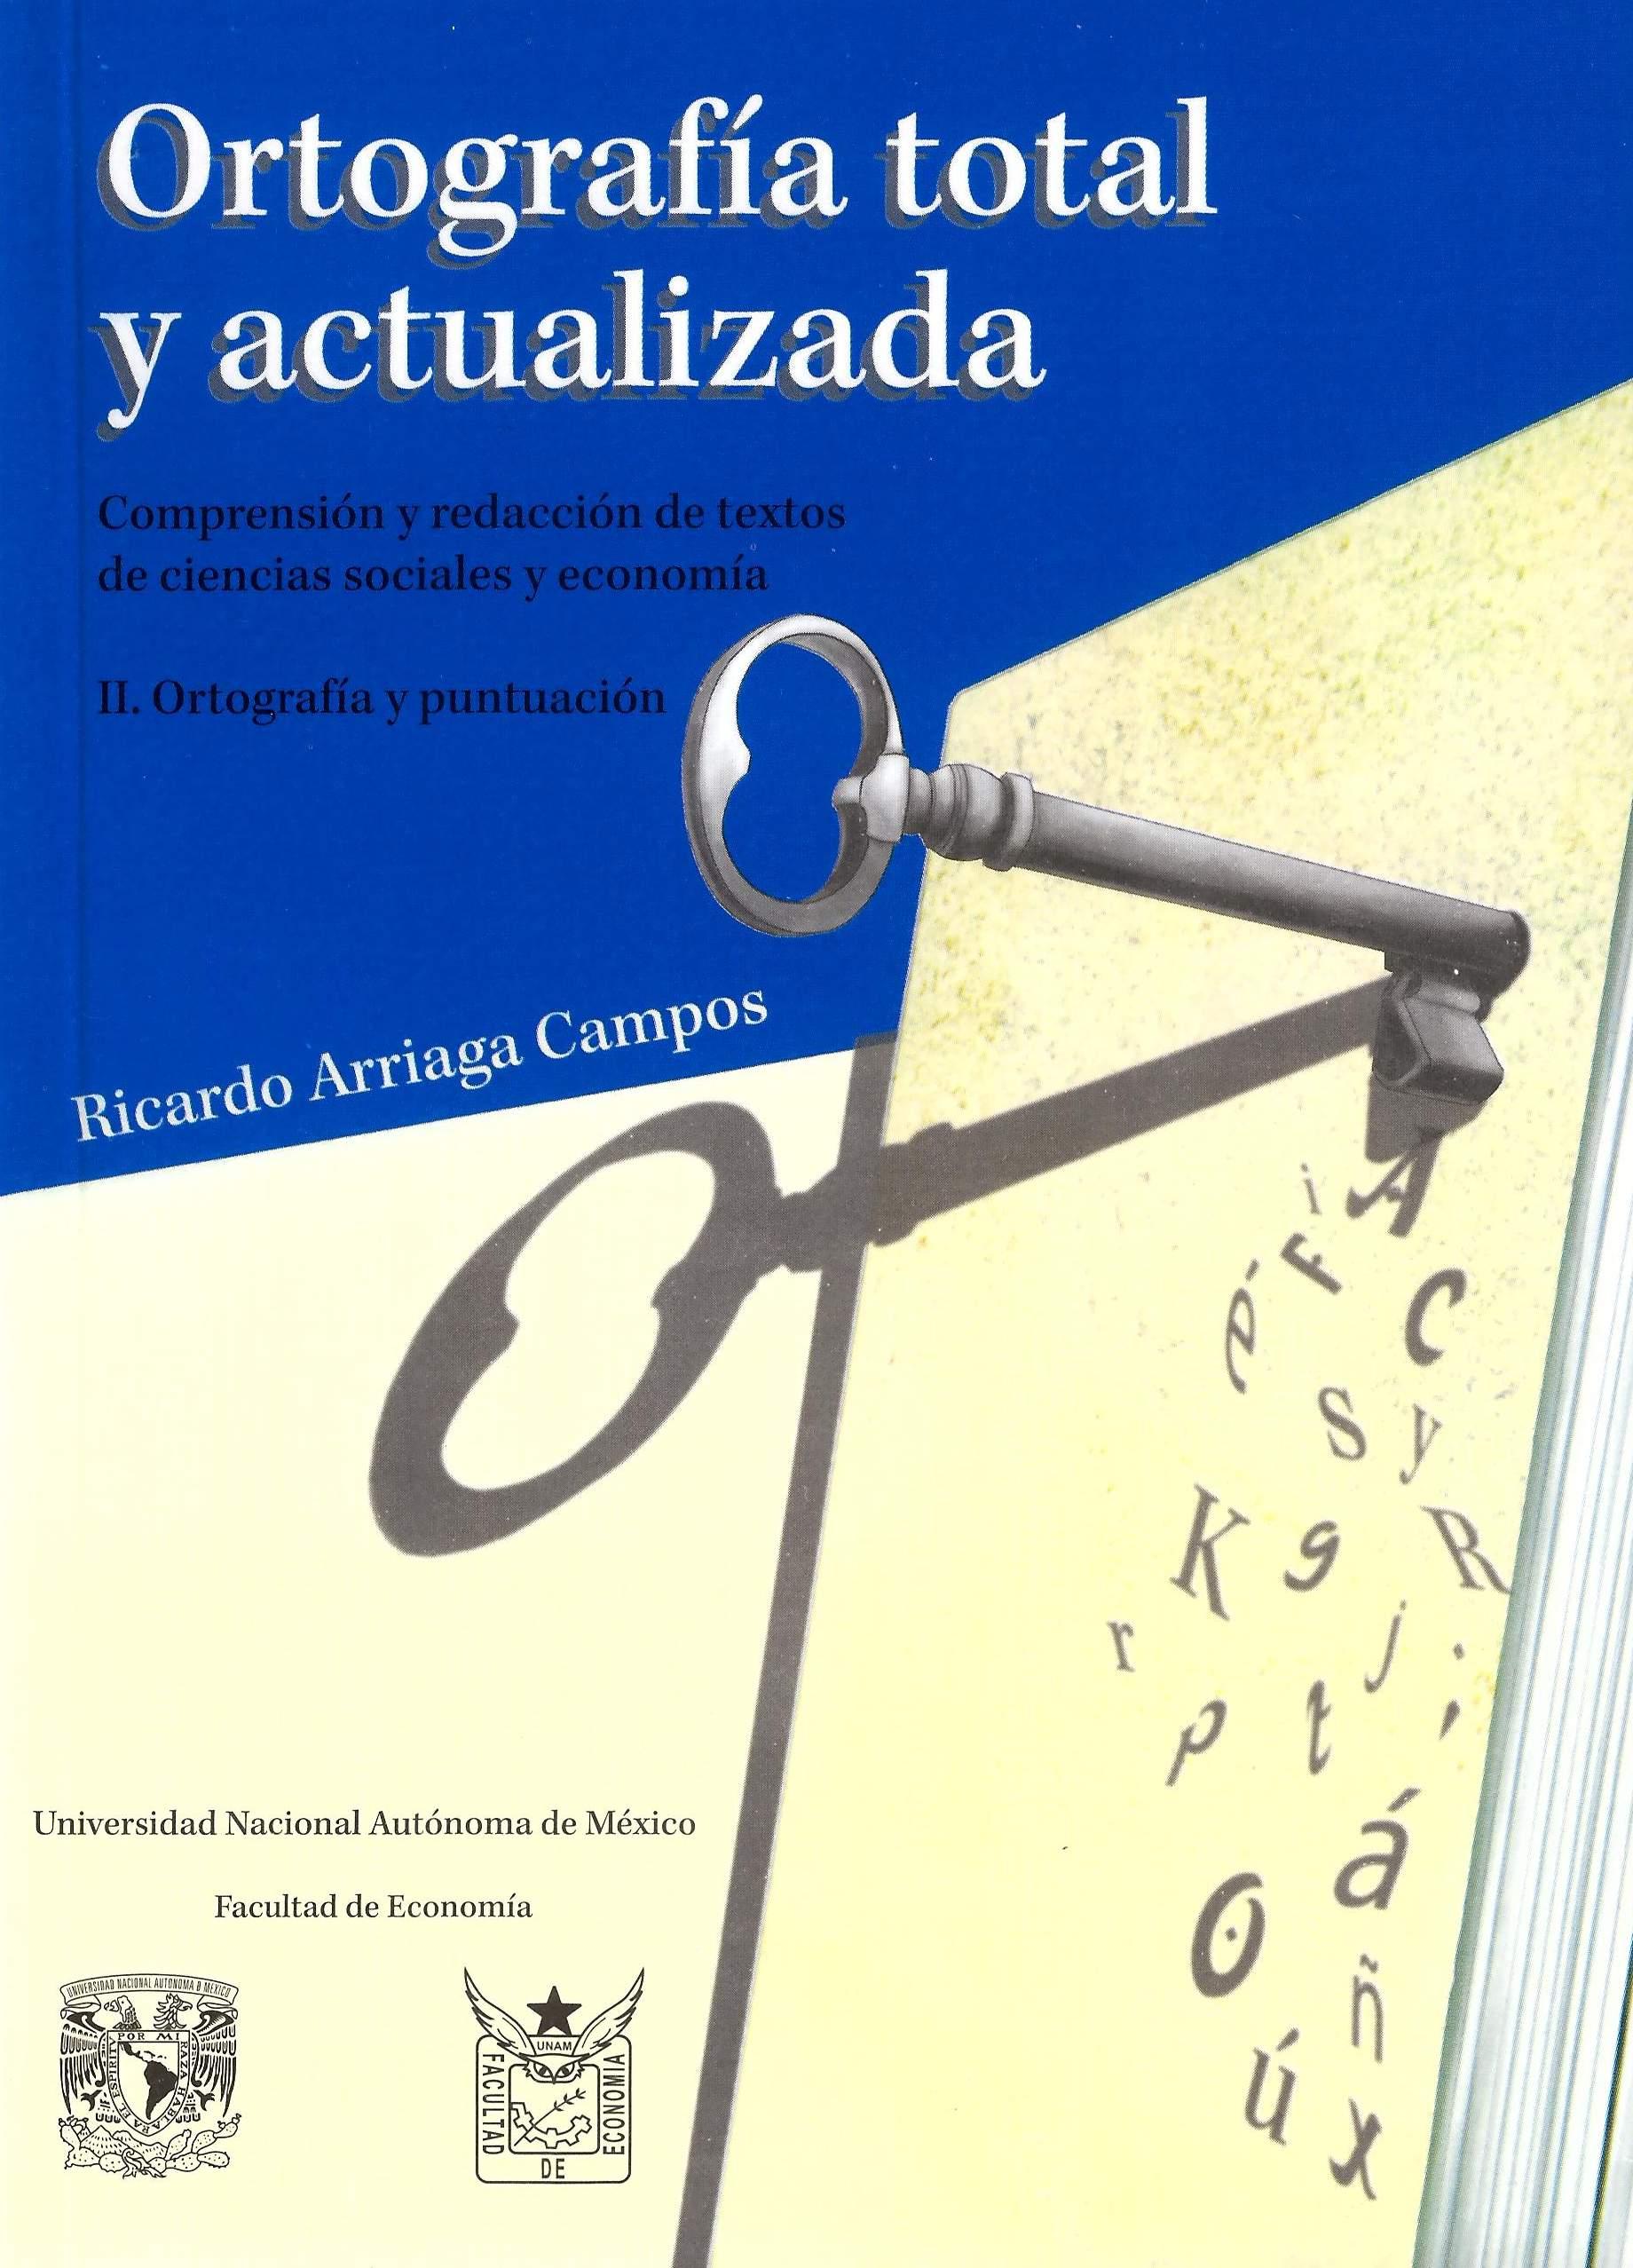 Ortografía total y actualizada. Comprensión y redacción de textos de ciencias sociales y economía.